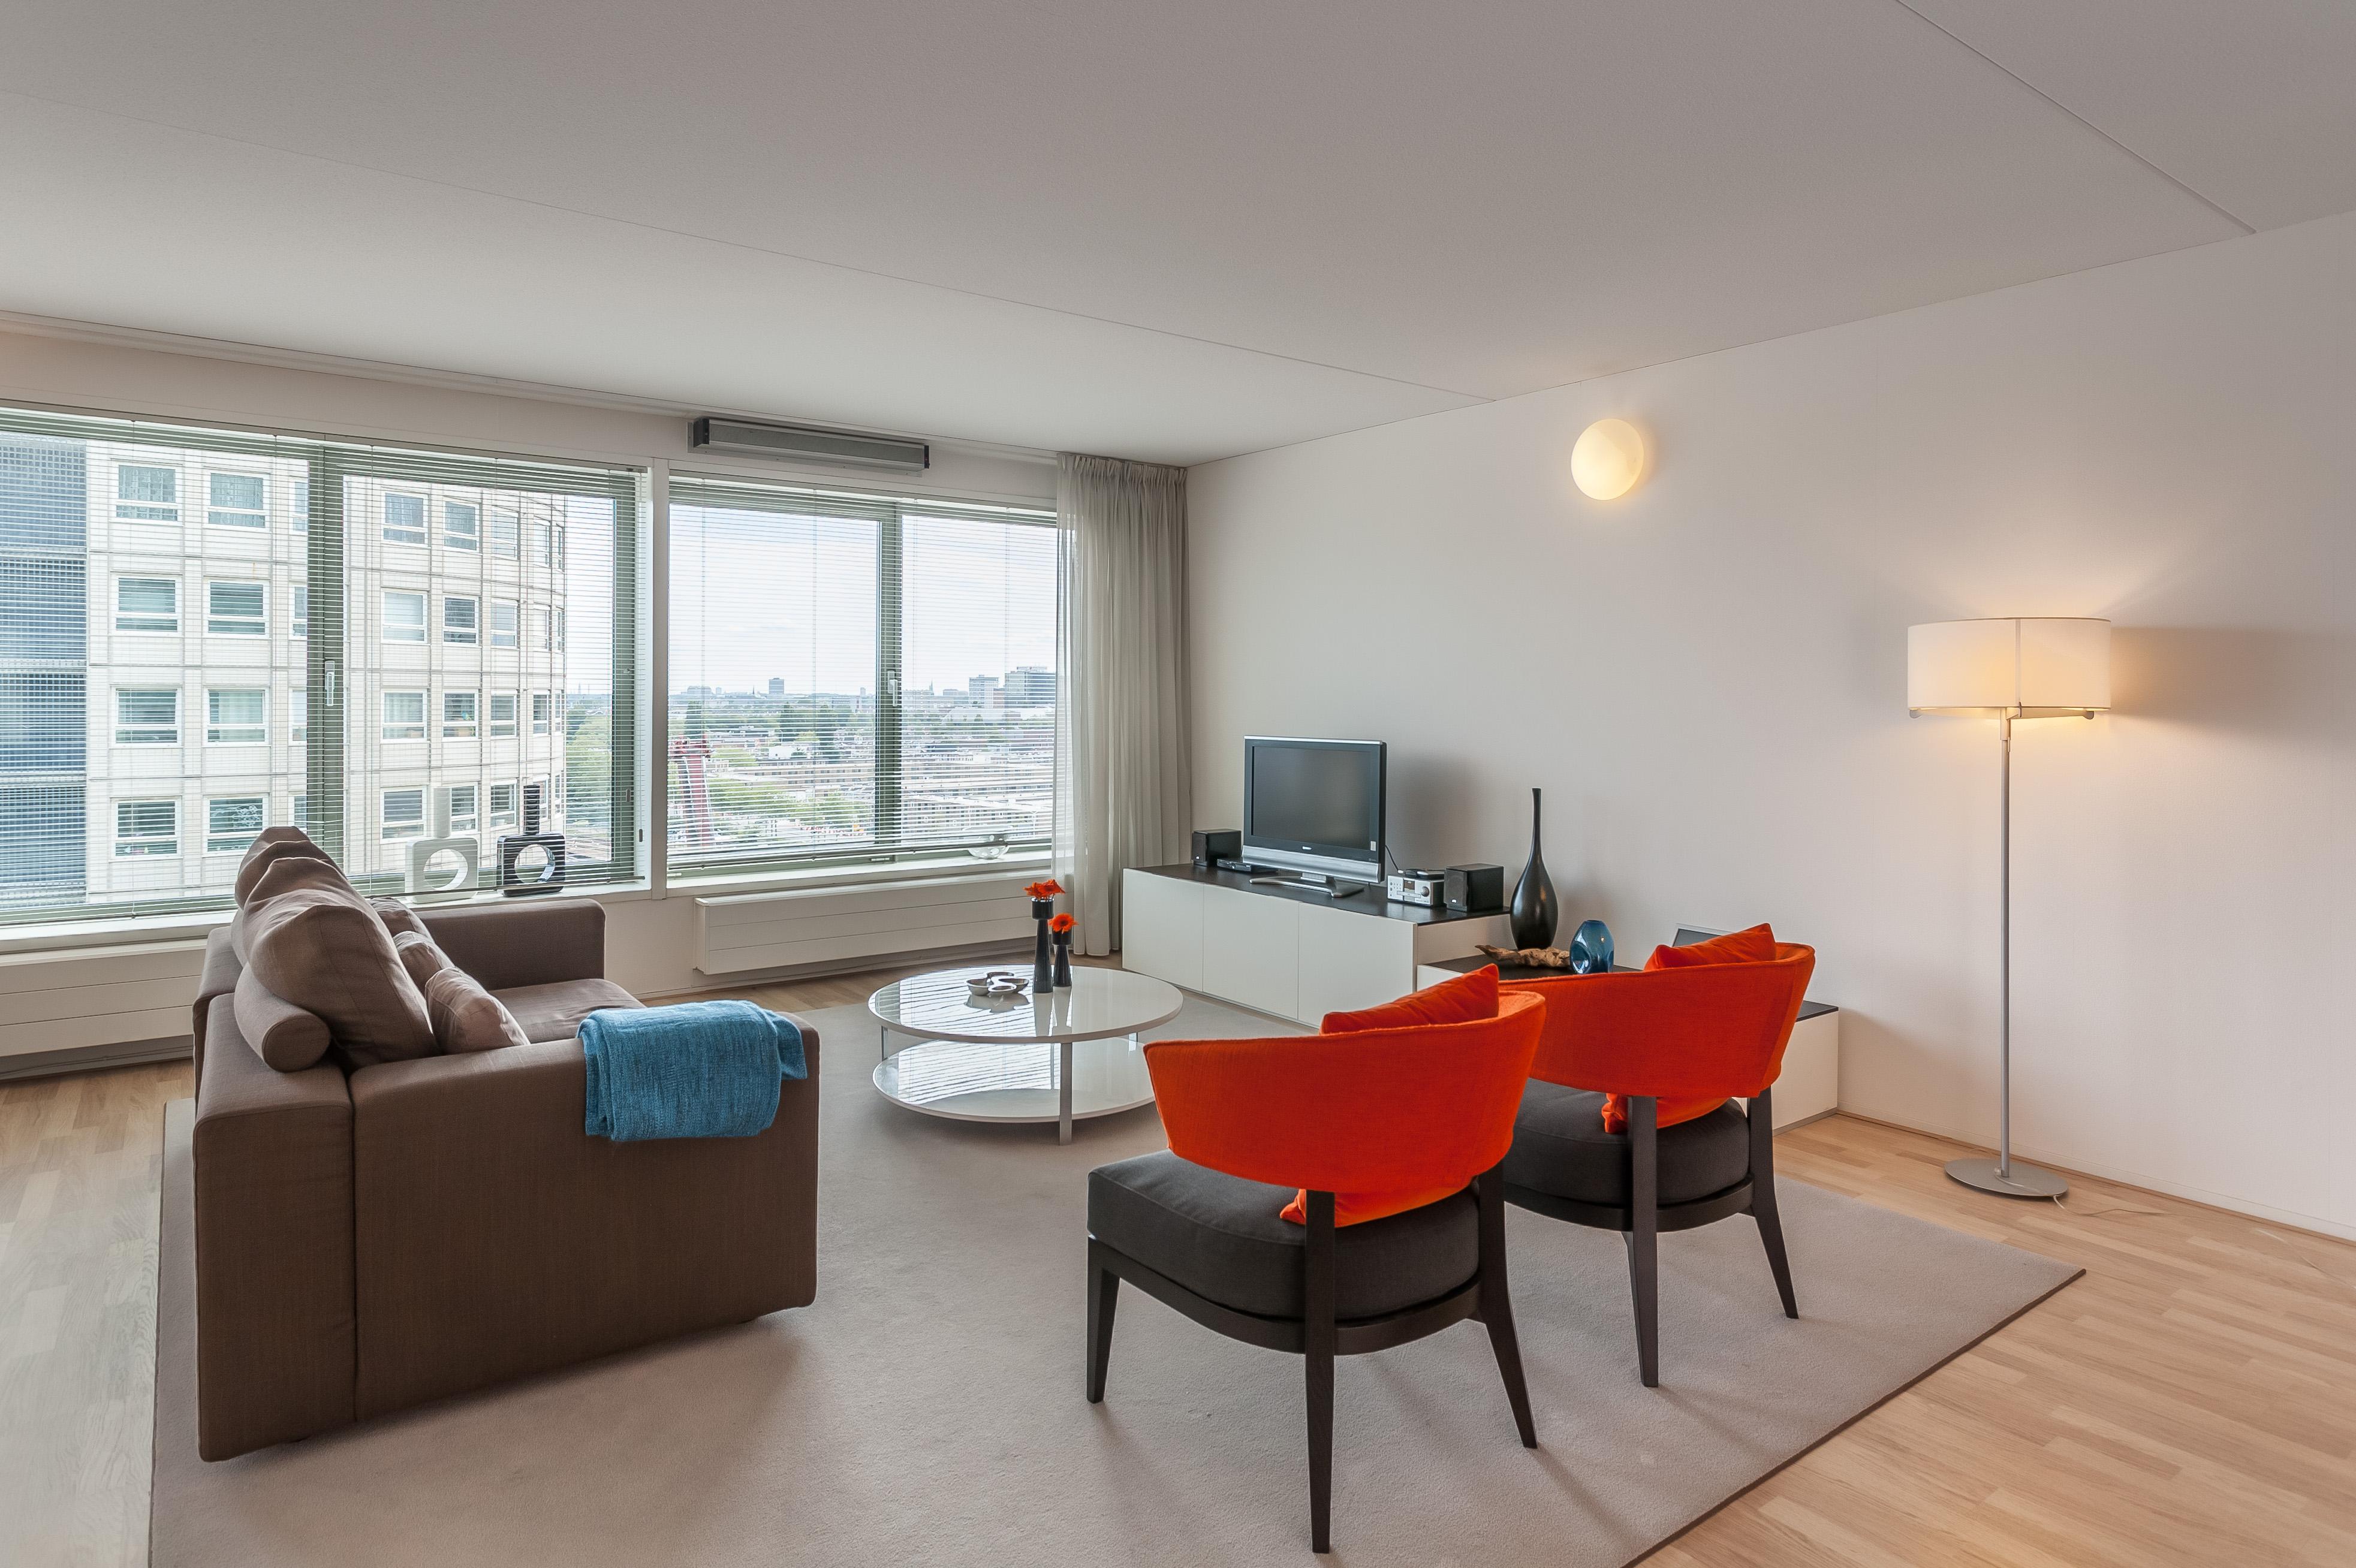 apartments for rent the-hague la fenetre living room